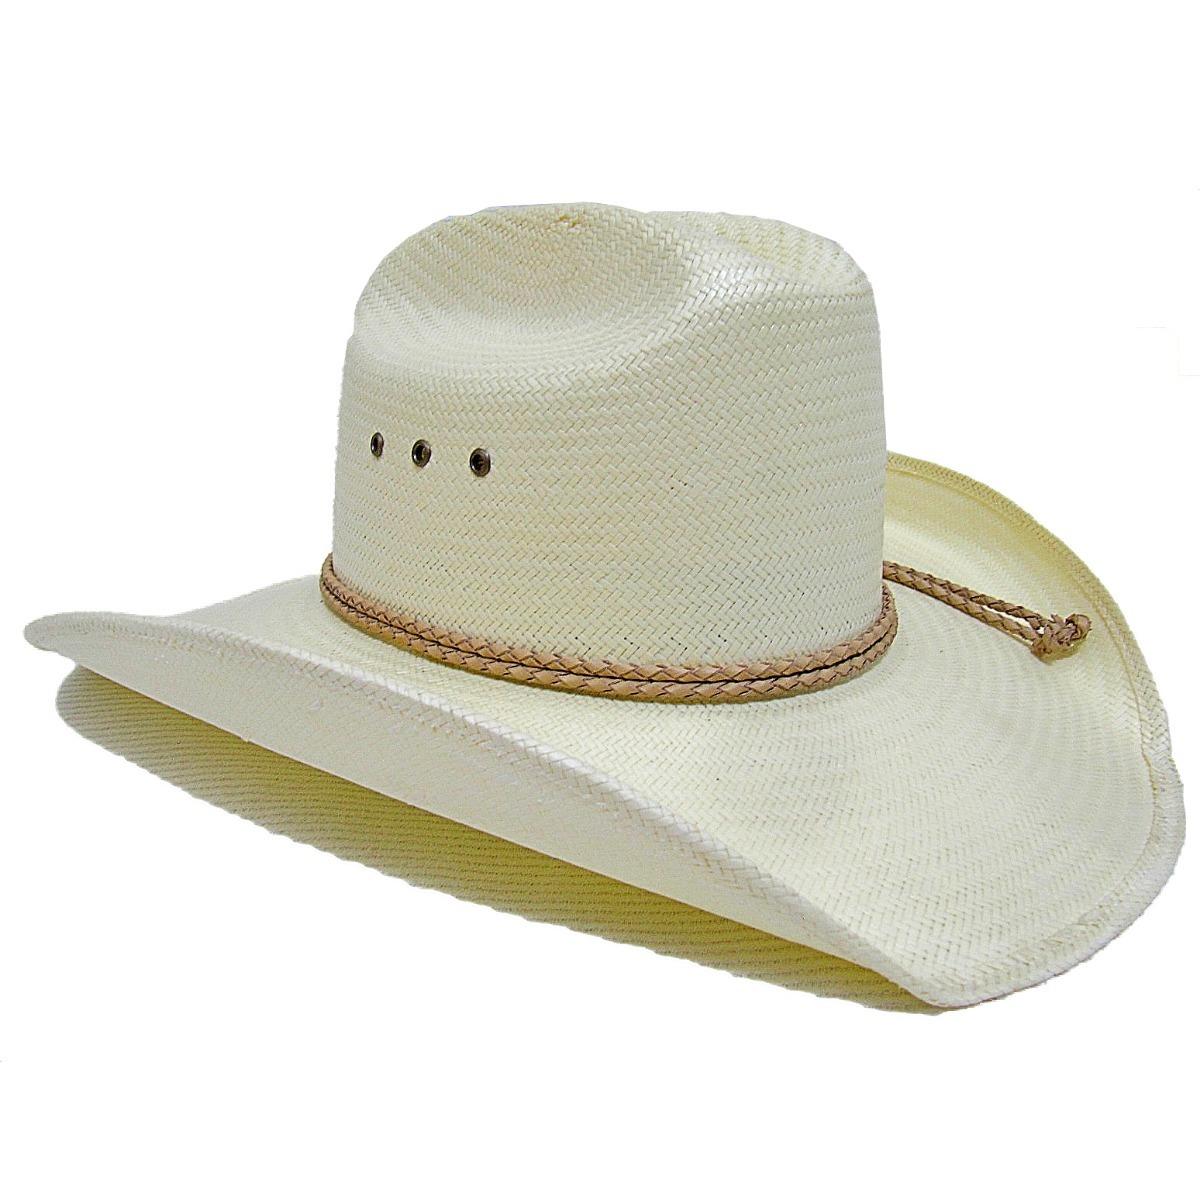 chapeu country panama palha importada original aba 10. Carregando zoom. 805bbfbbe9a